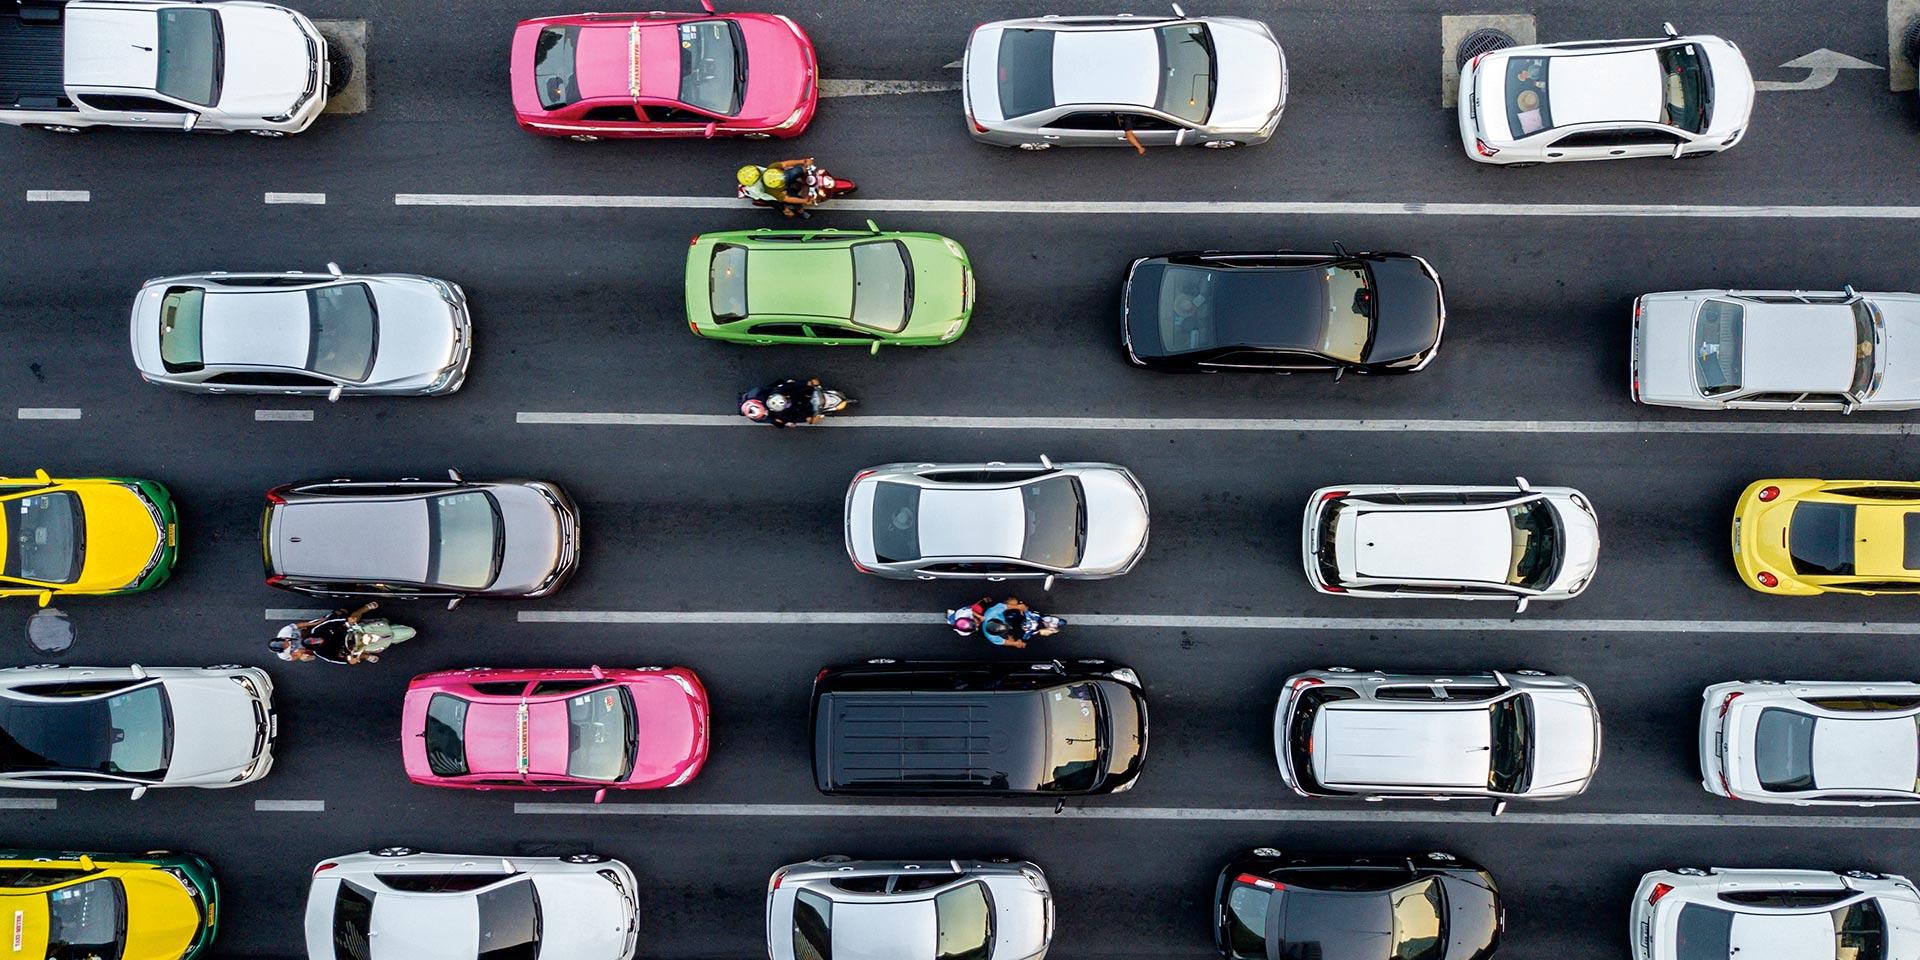 voitures dans un embouteillage sur l'autoroute